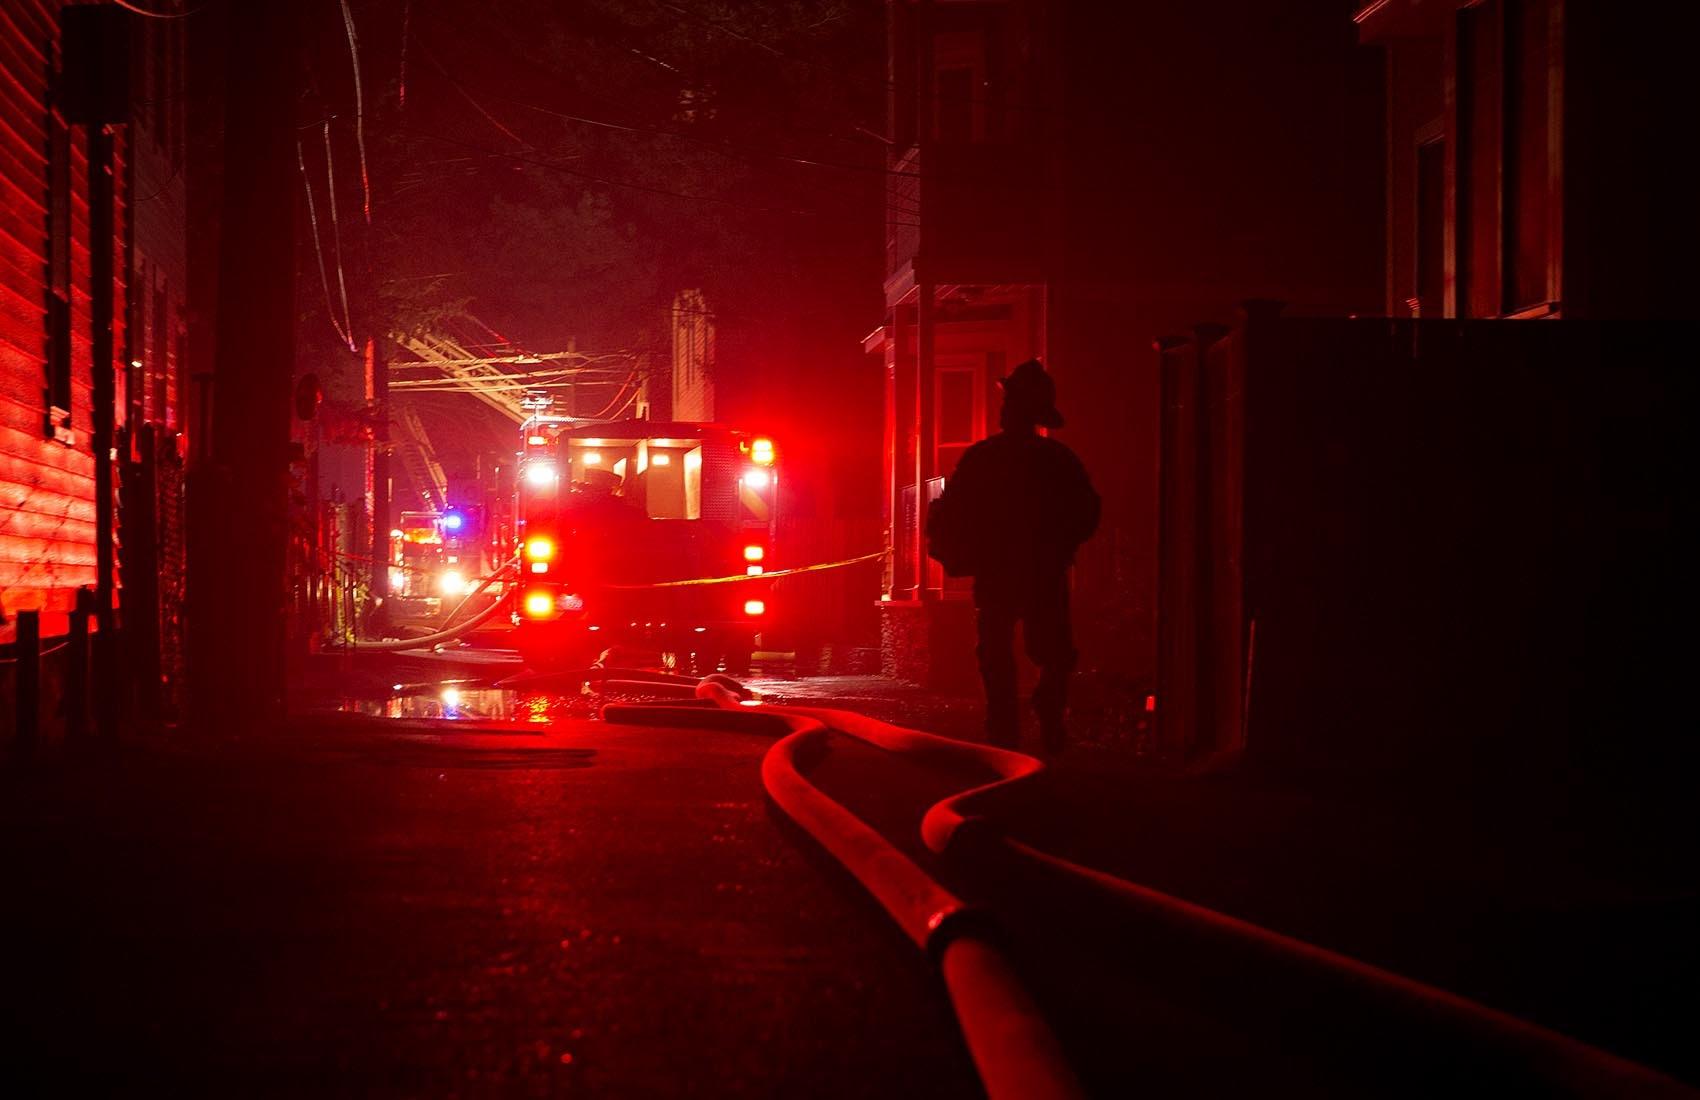 Fire trucks on York Place in Cambridge (Robin Lubbock/WBUR)